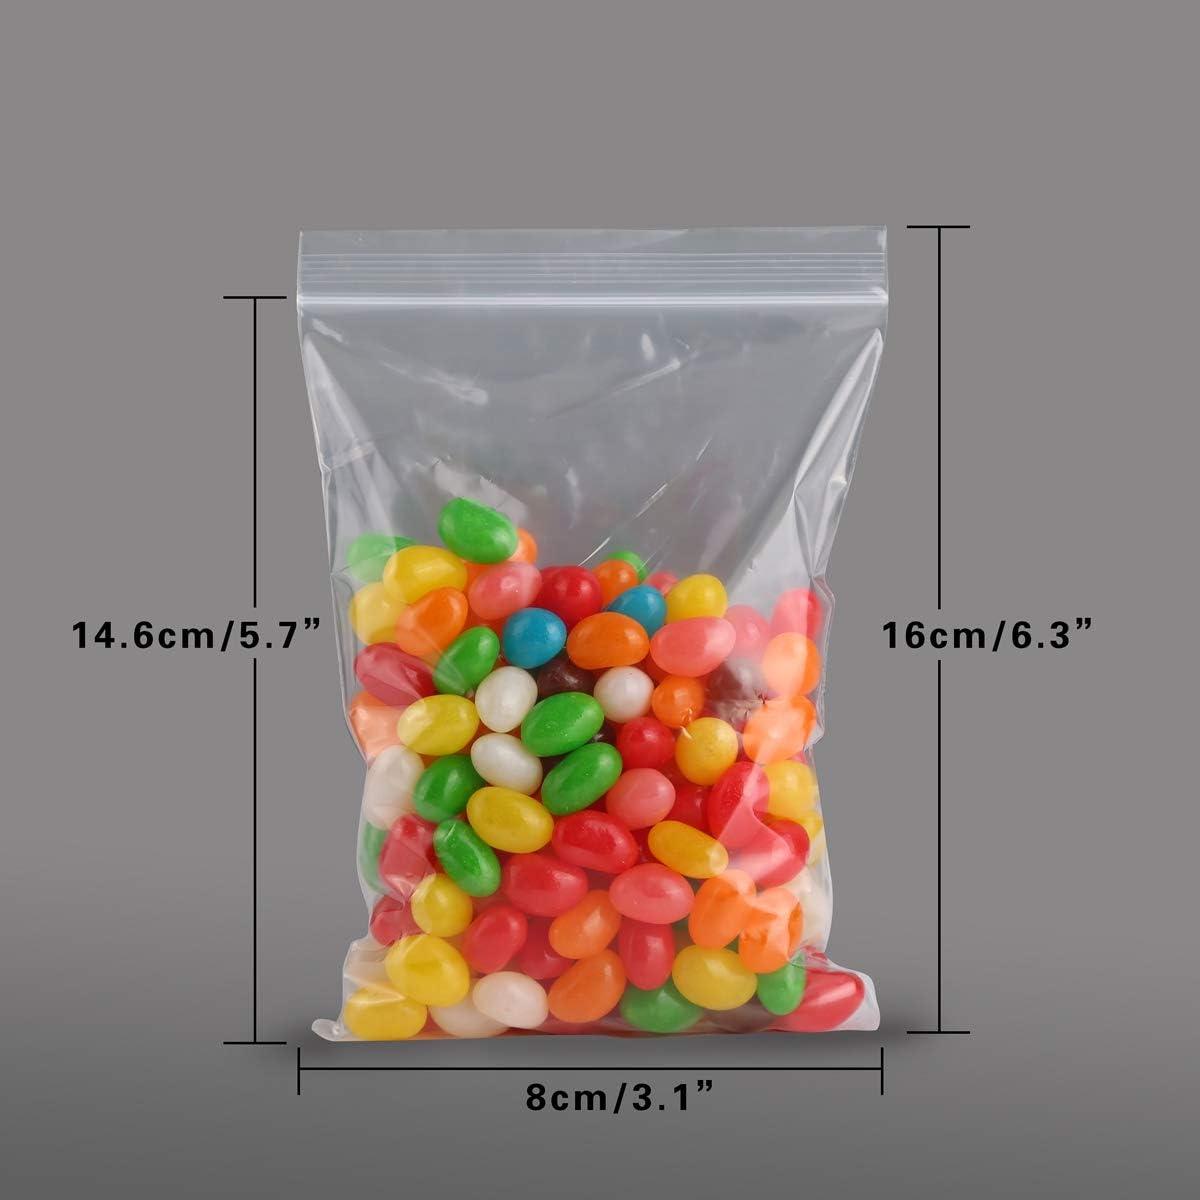 9cube richiudibili con chiusura a zip 4cm x 6cm in polietilene 100 sacchetti in plastica trasparente Trasparente sacchetti sigillati di ottima qualit/à